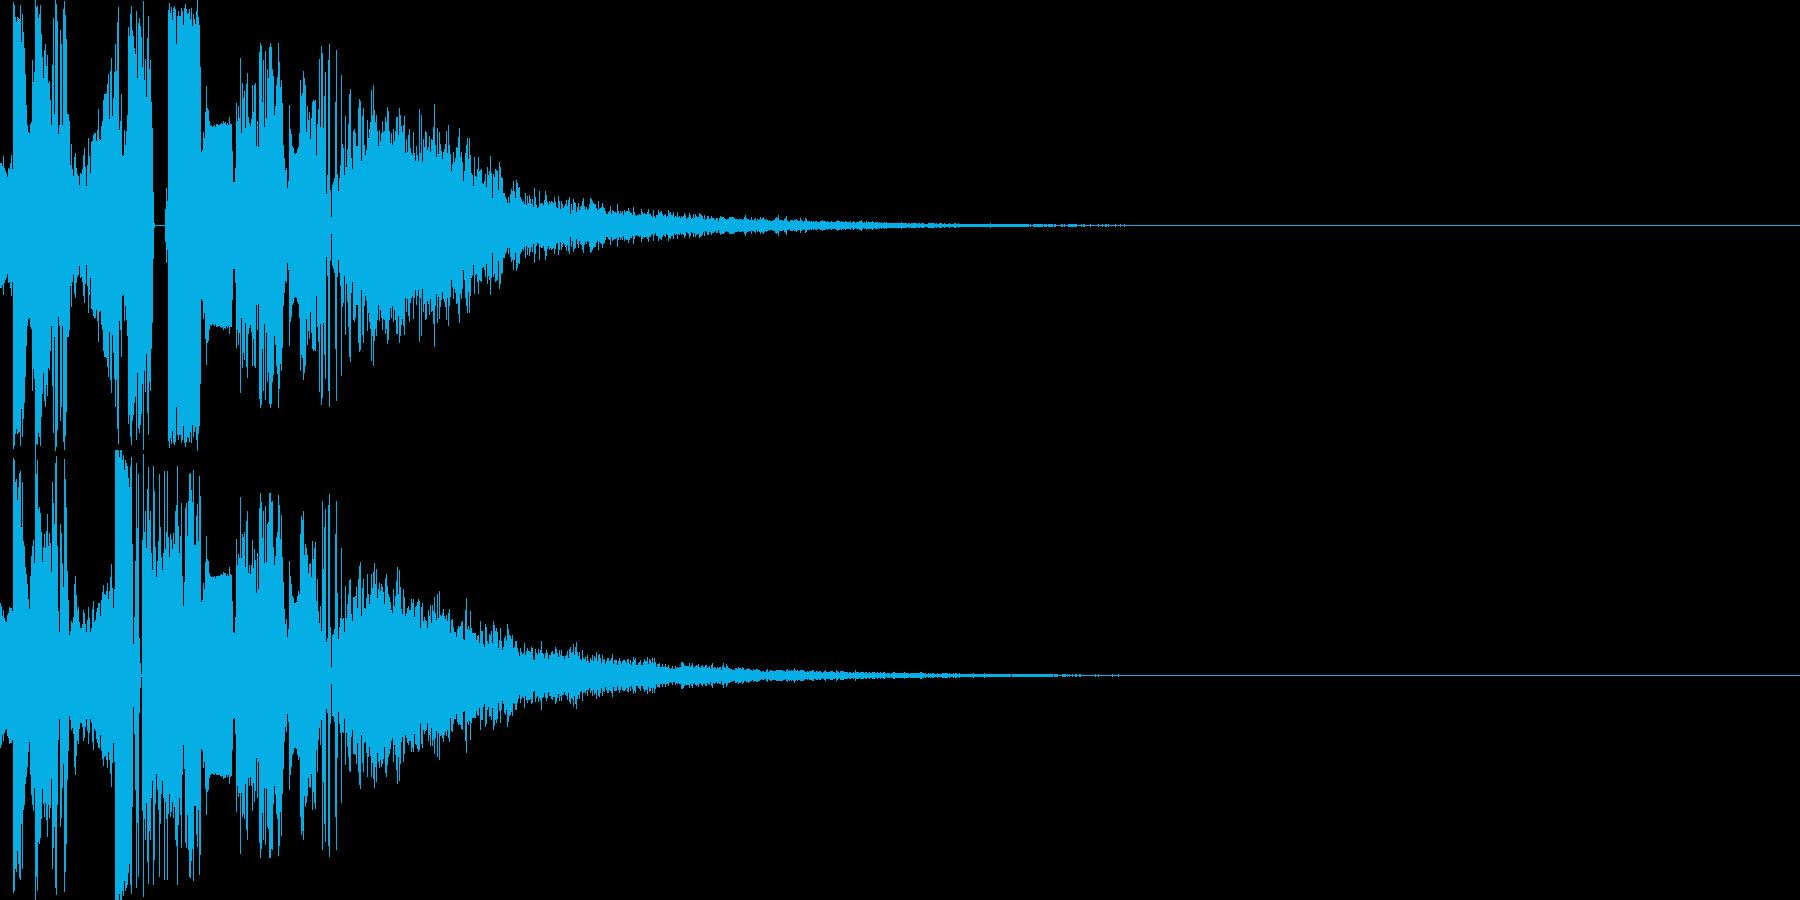 ジングル制作にピッタリなカッコイイ効果音の再生済みの波形